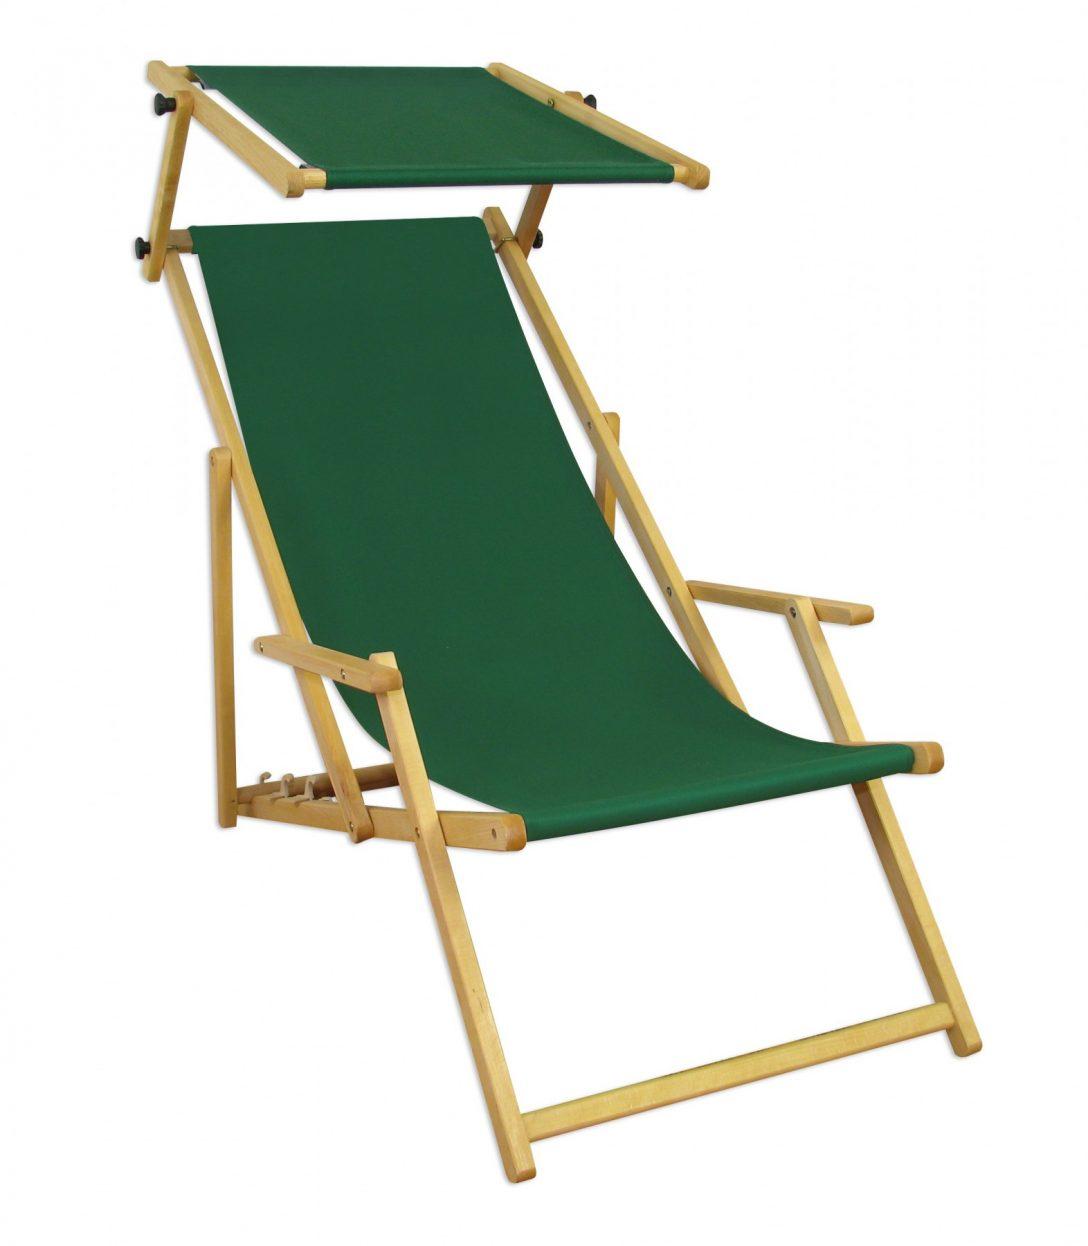 Large Size of Gartenliege Schaukel Amazon Holz Schaukelliege Schaukeln Schaukelstuhl Doppel Liegestuhl Mit Schaukelfunktion Für Garten Kinderschaukel Wohnzimmer Gartenliege Schaukel